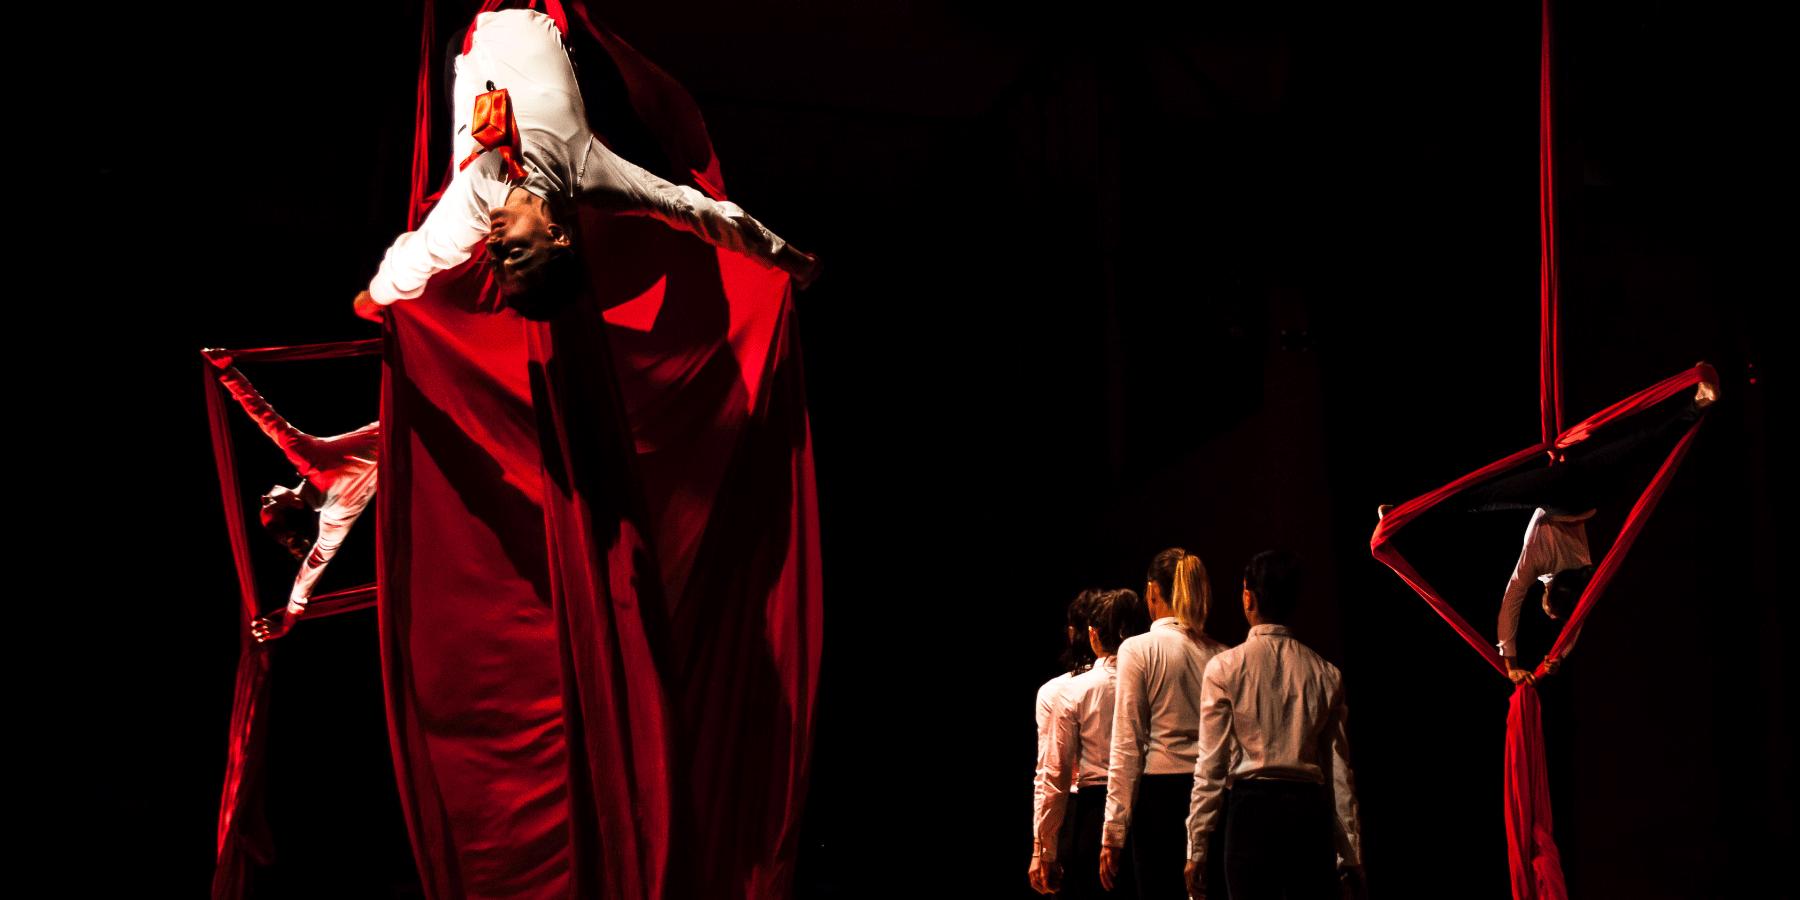 danza su tessuti rossi